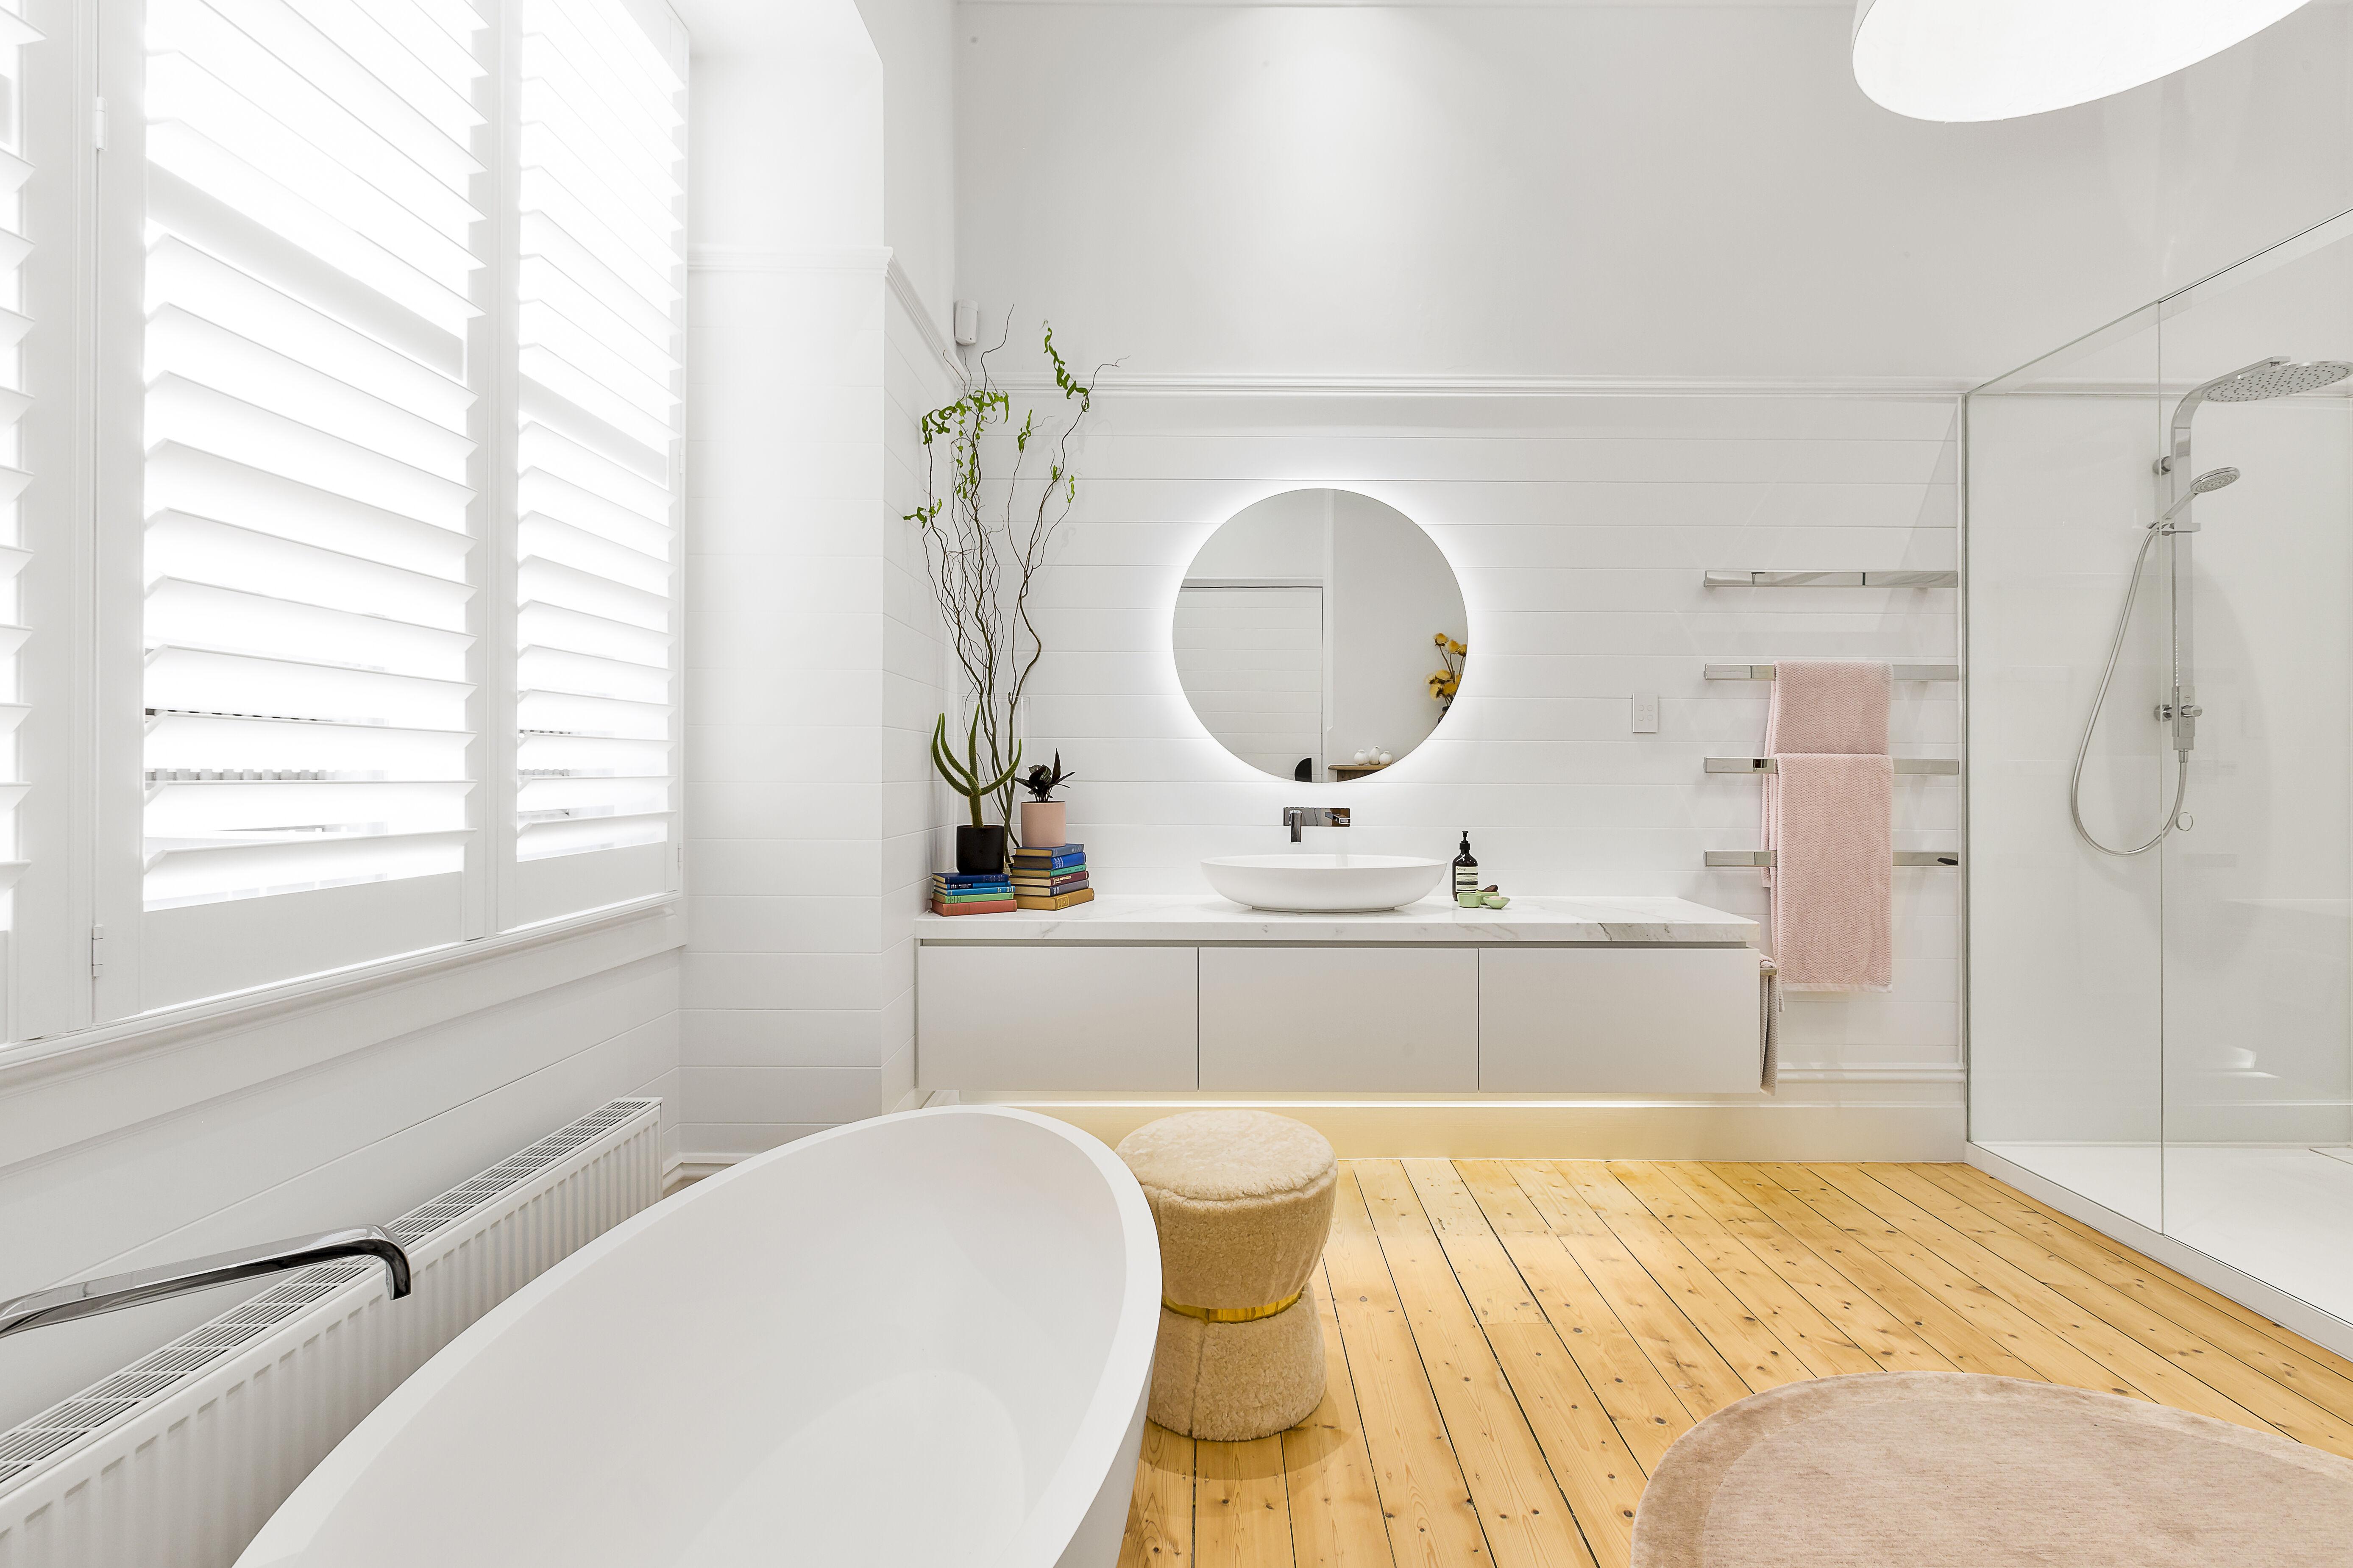 Törölköző  és fürdőszoba tippek - törölköző webshop, torolkozowebshop.hu